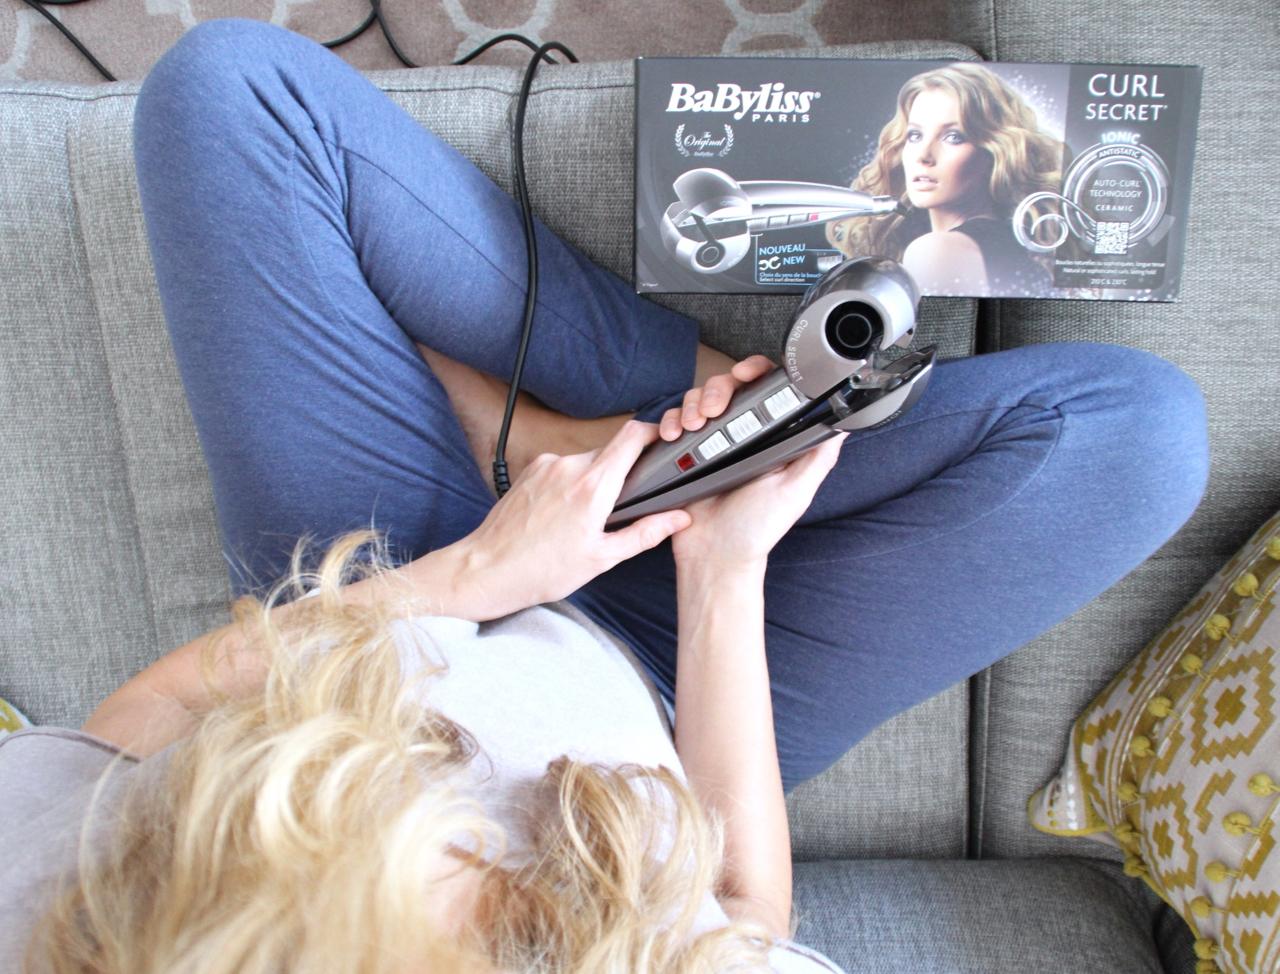 Perfekte Locken mit dem Babyliss Curl Secret Ionic JenniTestet Lifestyle Beauty Hair Haare Haarpflege Styling Frisur Locken Lockenstab Curls Babyliss Pflegeprodukte